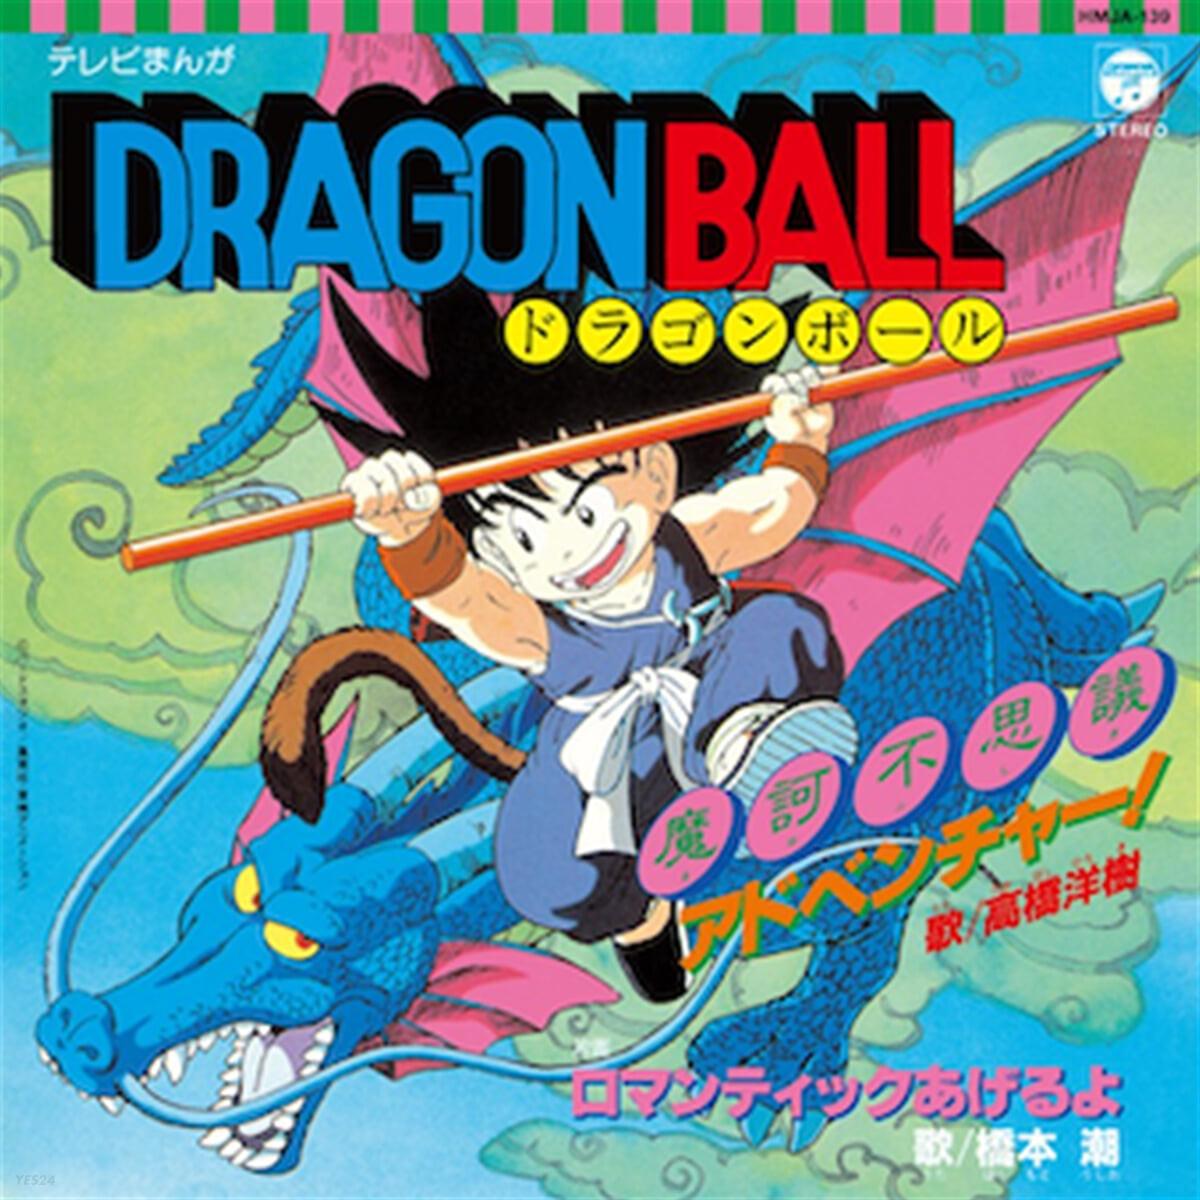 드래곤볼: 불가사의 어드벤처 / 로맨틱을 줄게요 애니메이션 음악 (Dragon Ball OST) [7인치 Vinyl]